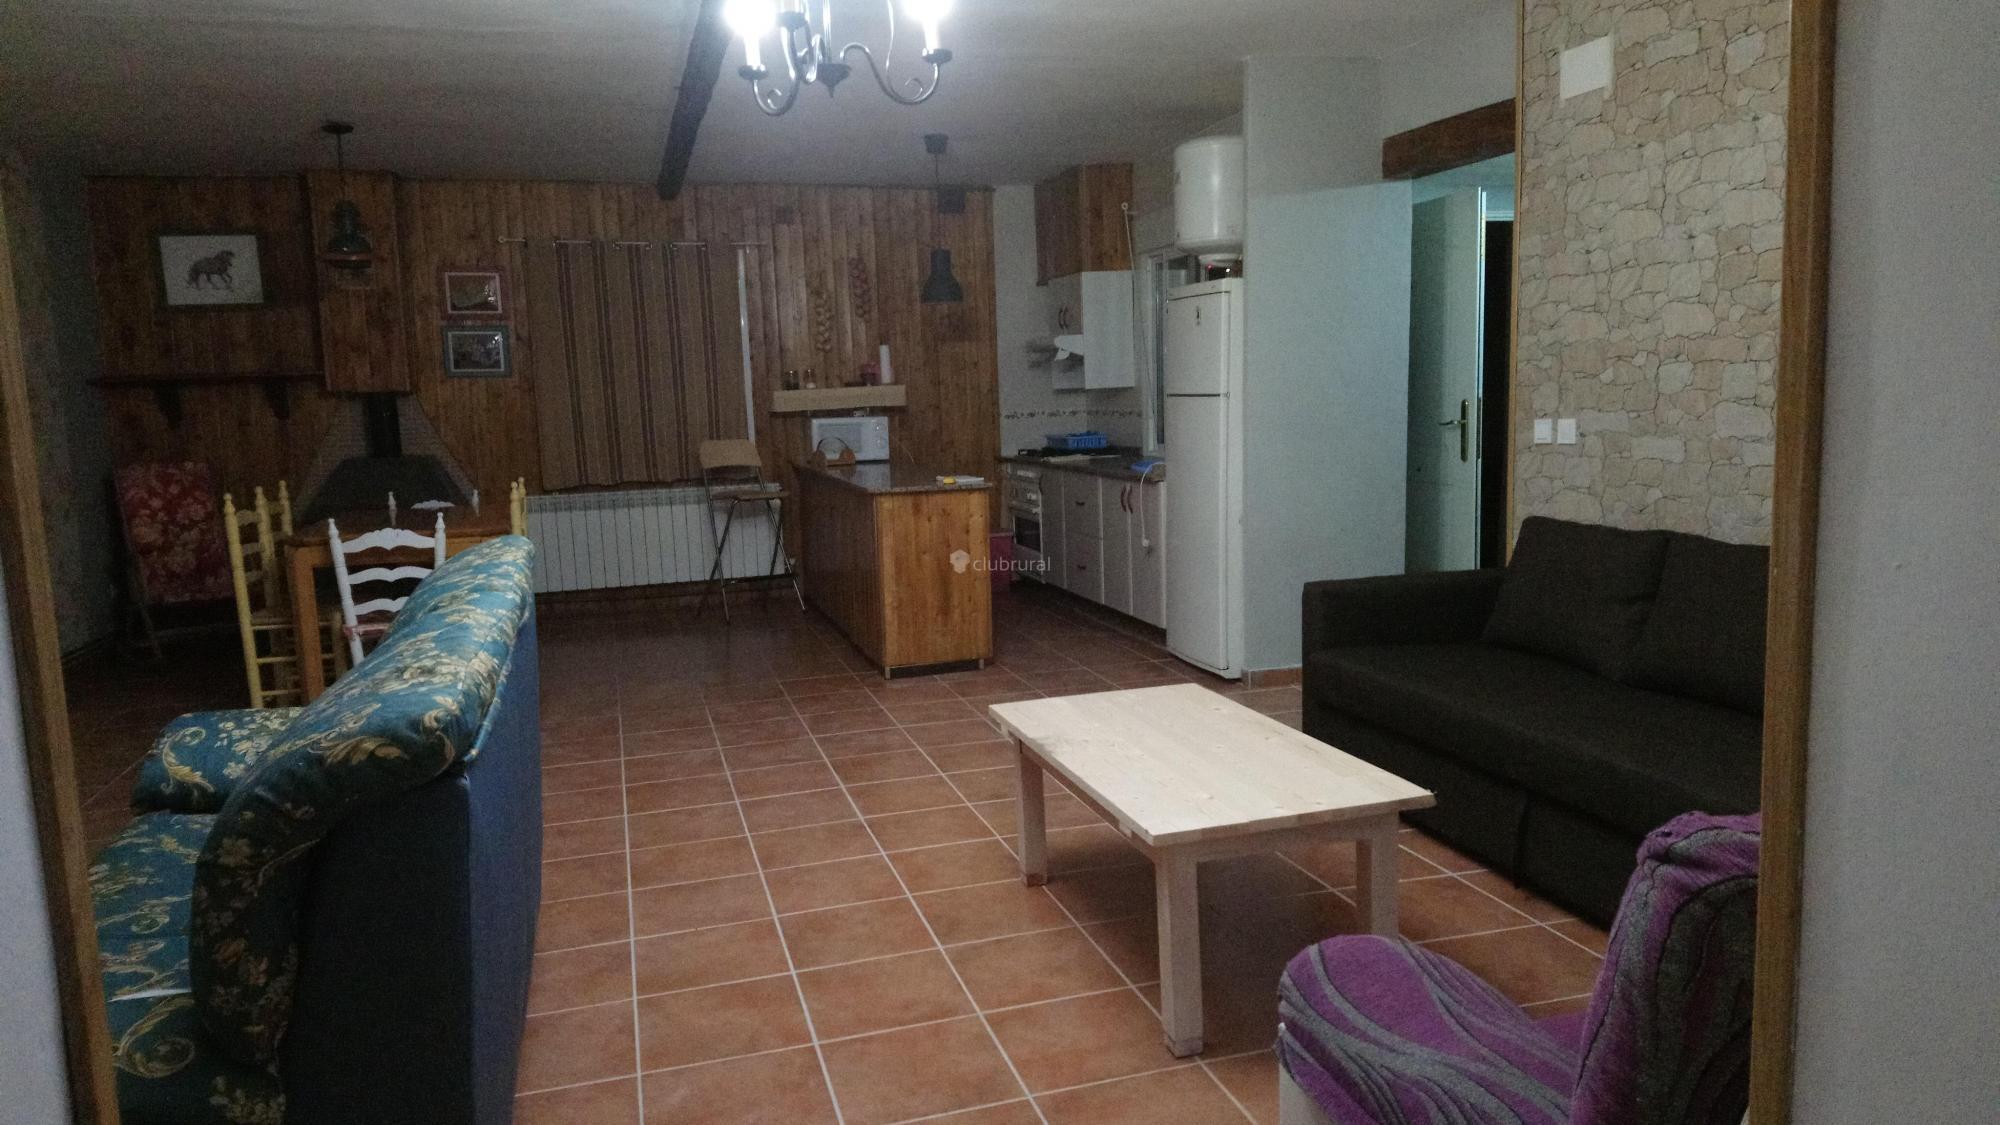 Fotos de casa fina madrid fuentidue a de tajo clubrural - Casa rural con perro madrid ...